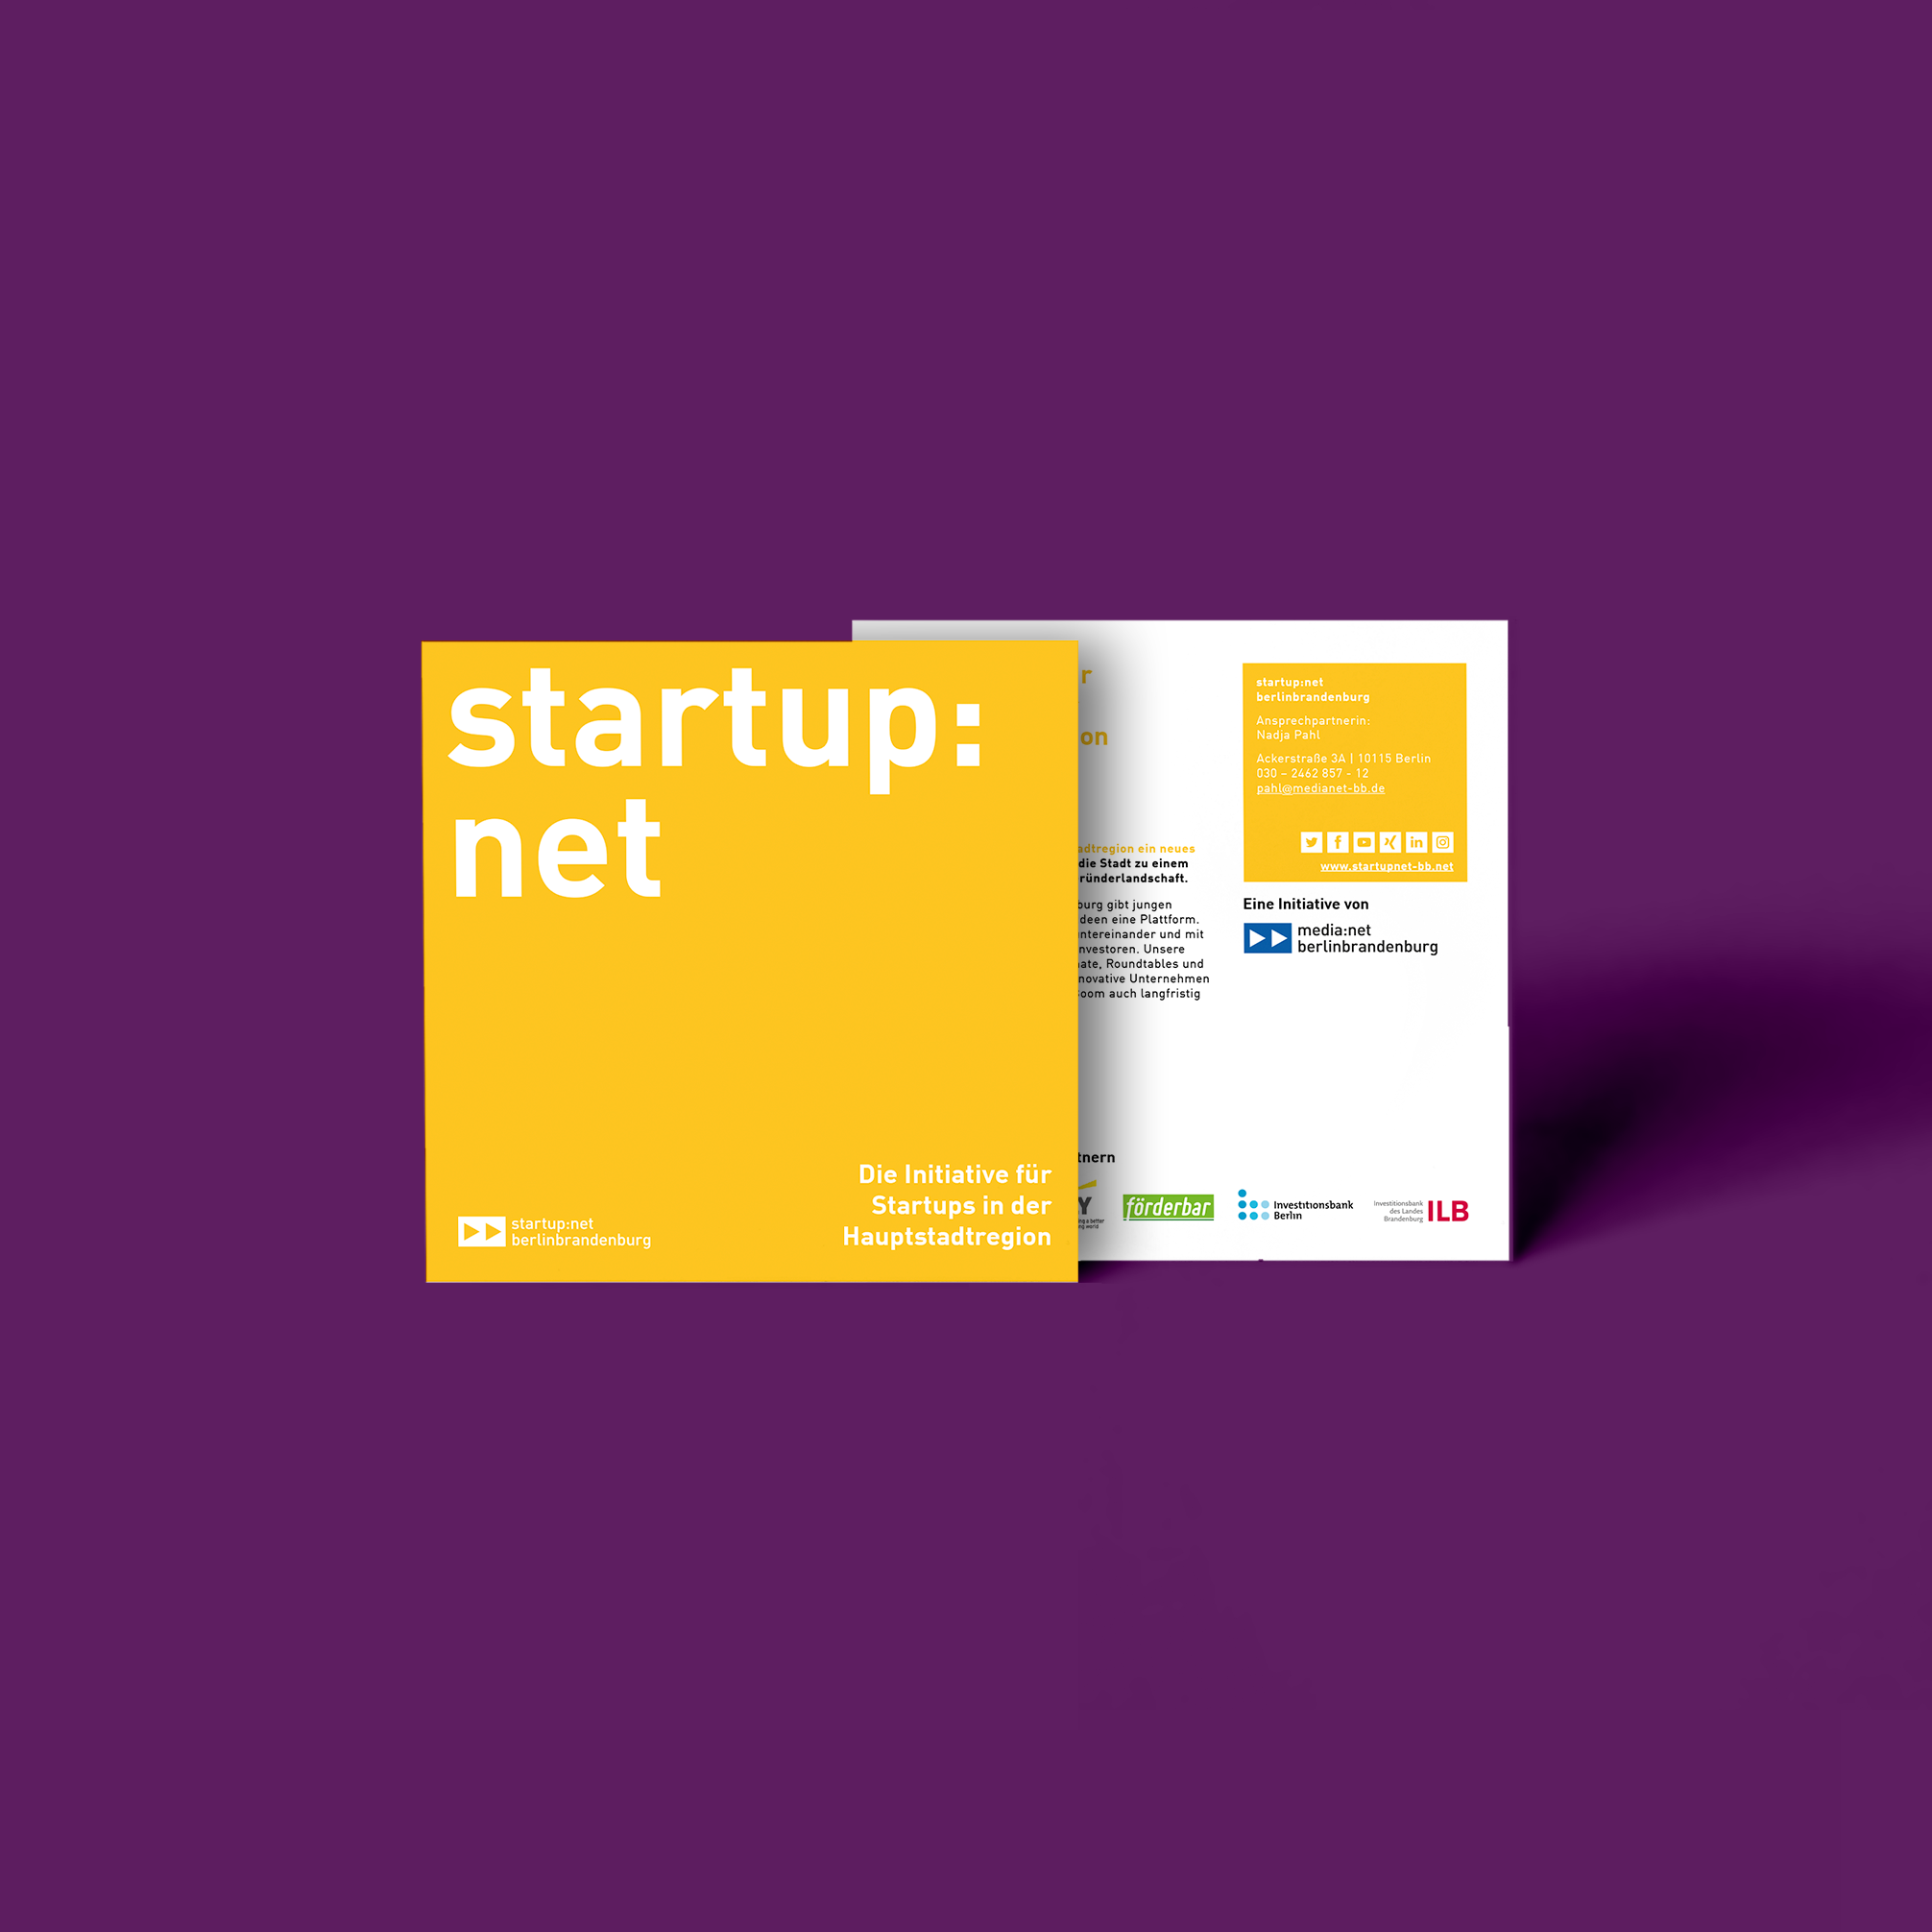 Startup net berlinbrandenburg Flyer Redesign und Layout   zweiseitig